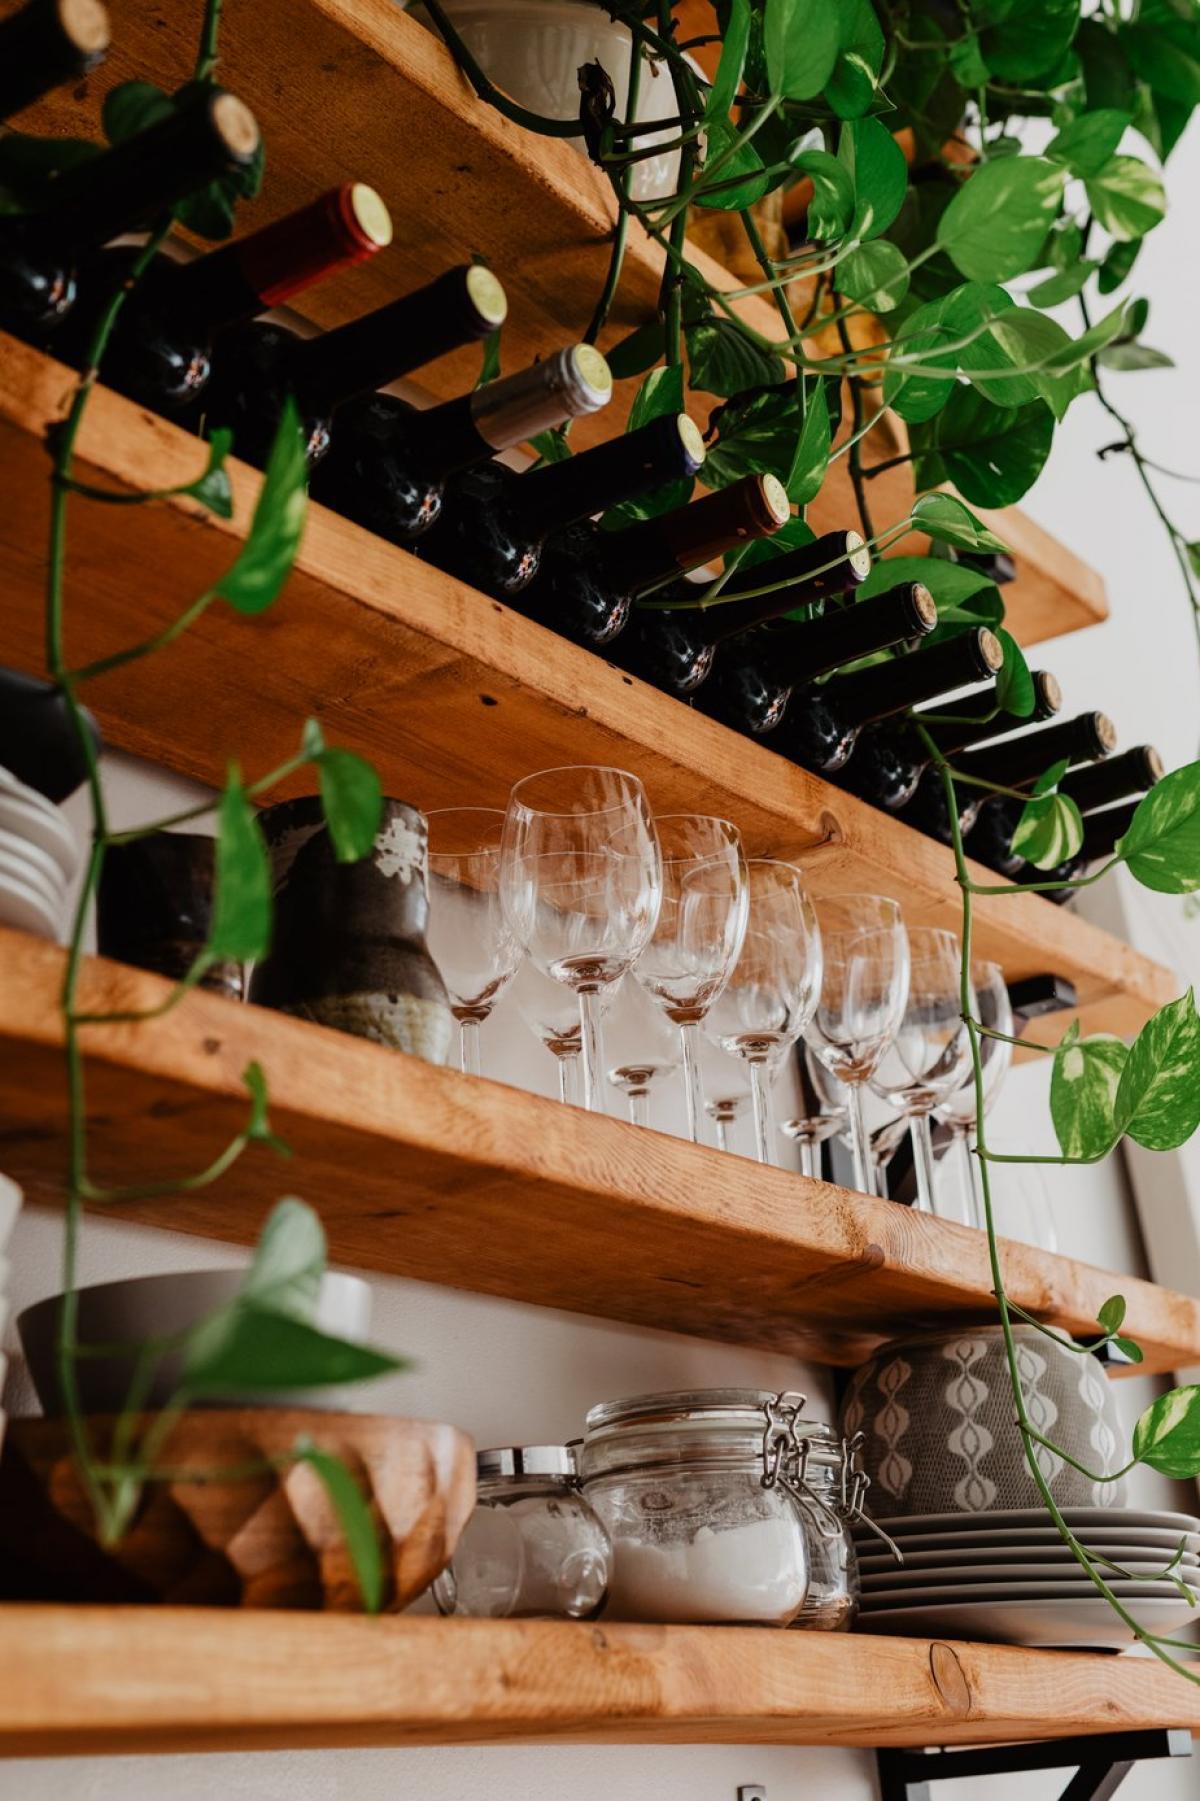 Wine Shelves #422629